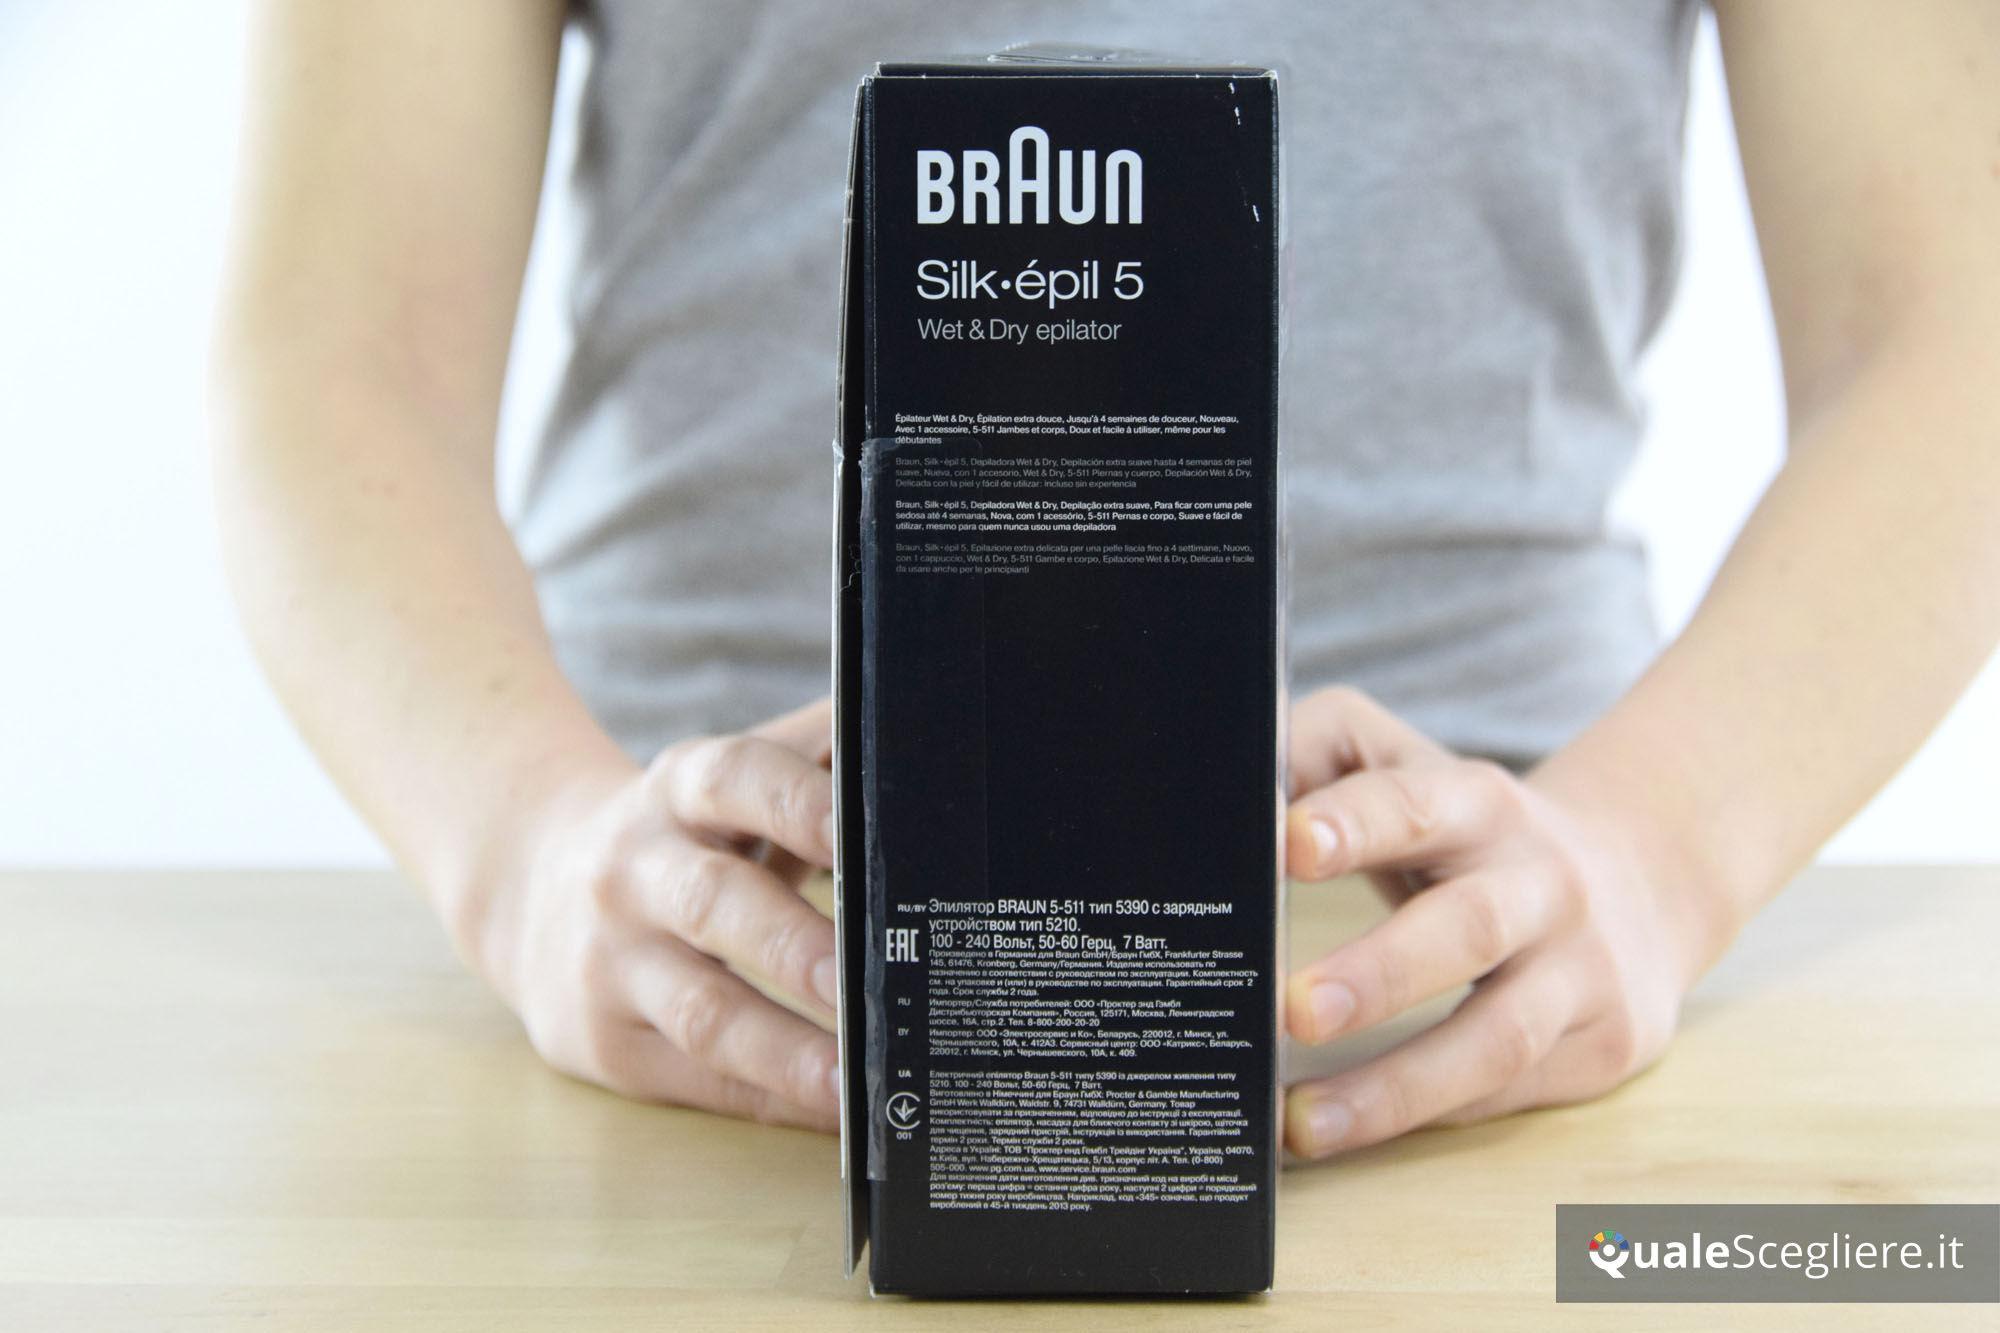 Epilatore Braun Silk-Epil 5 5-511 umidificatore a secco